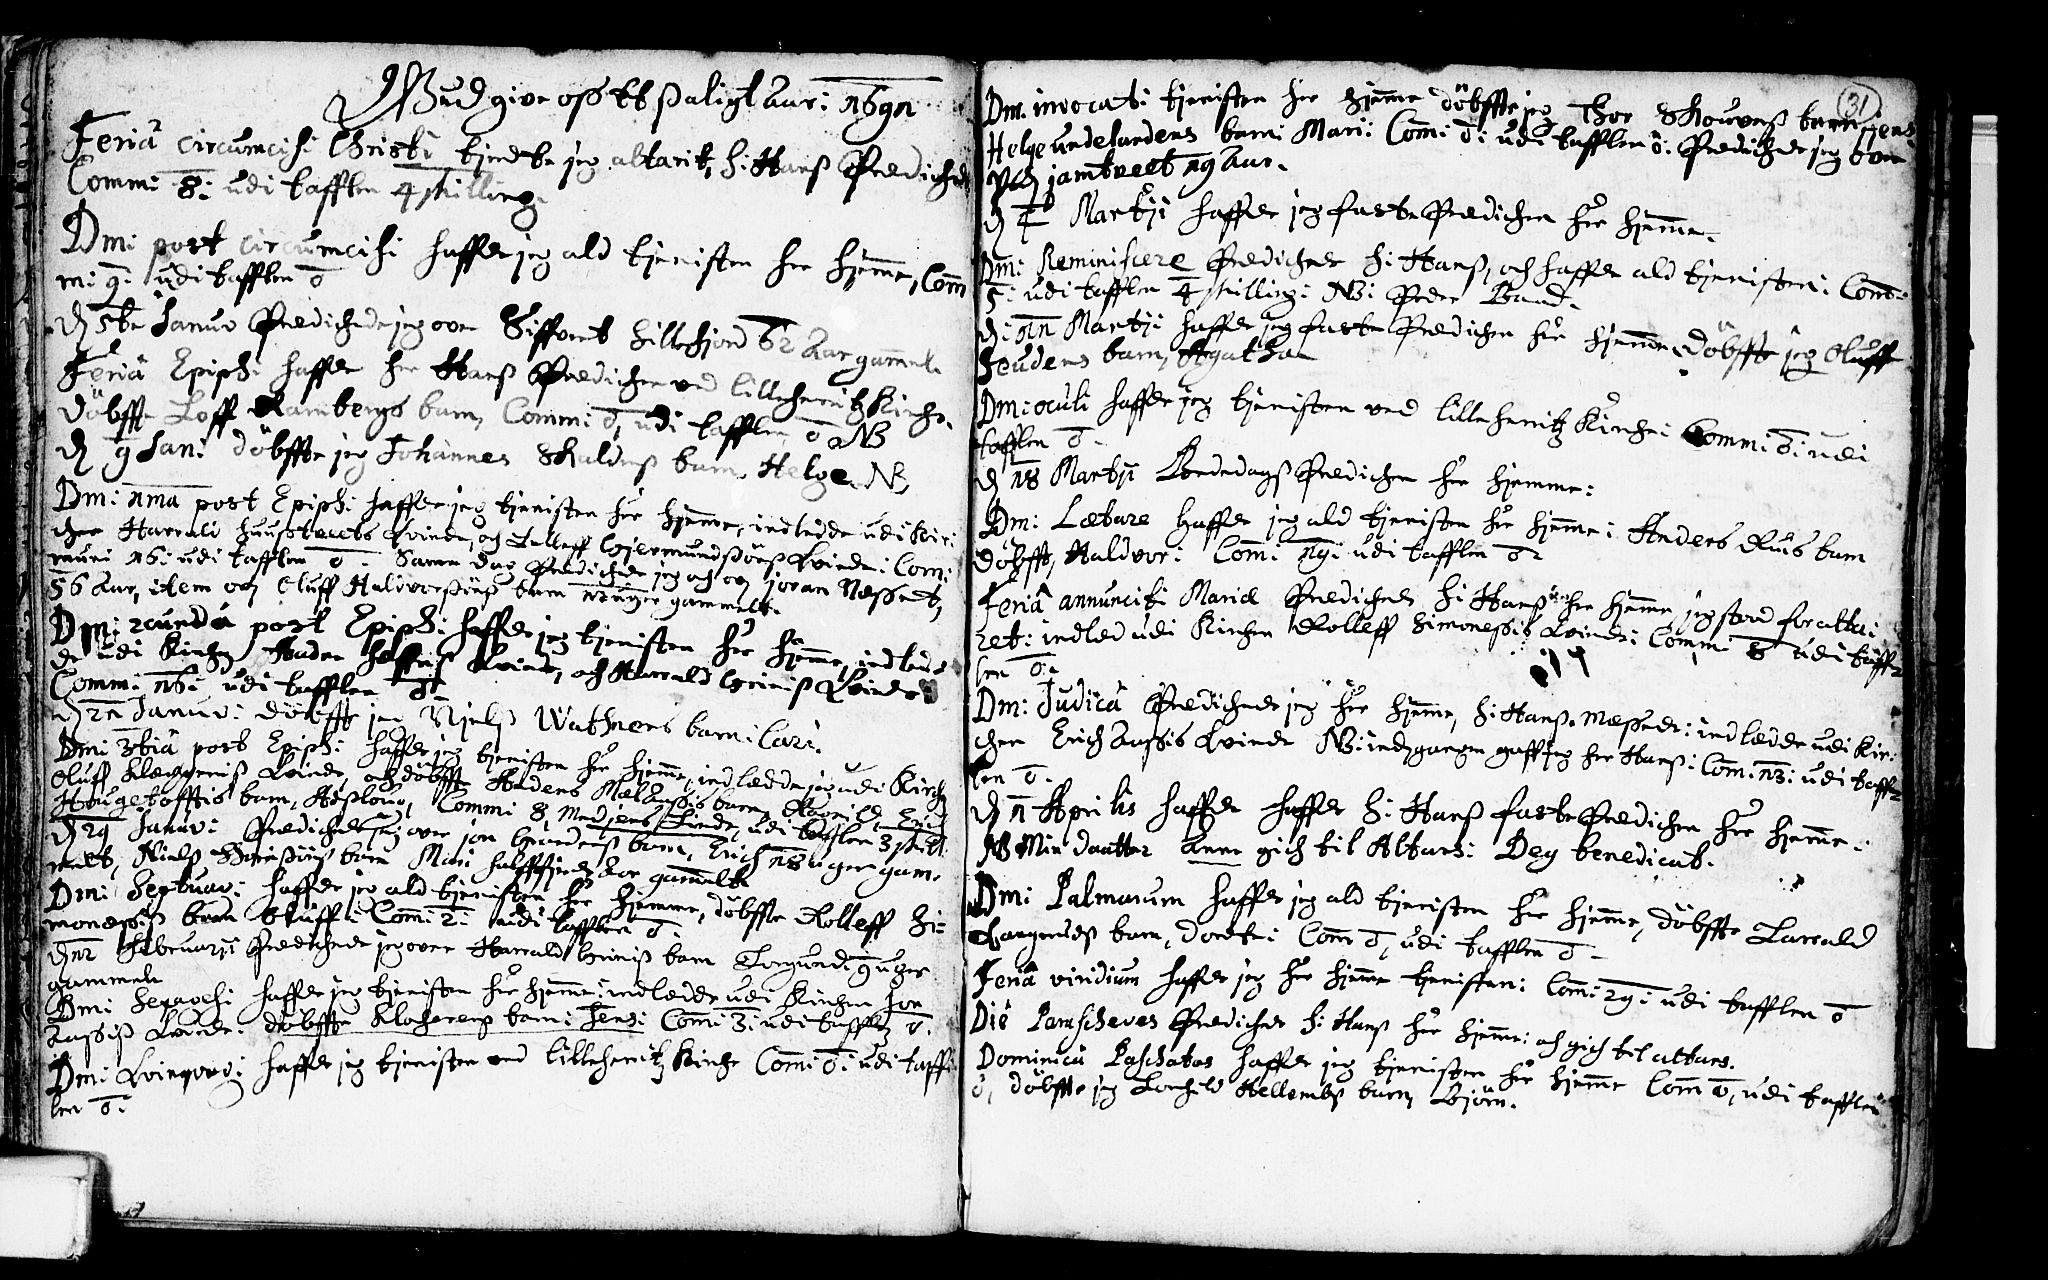 SAKO, Heddal kirkebøker, F/Fa/L0001: Ministerialbok nr. I 1, 1648-1699, s. 31